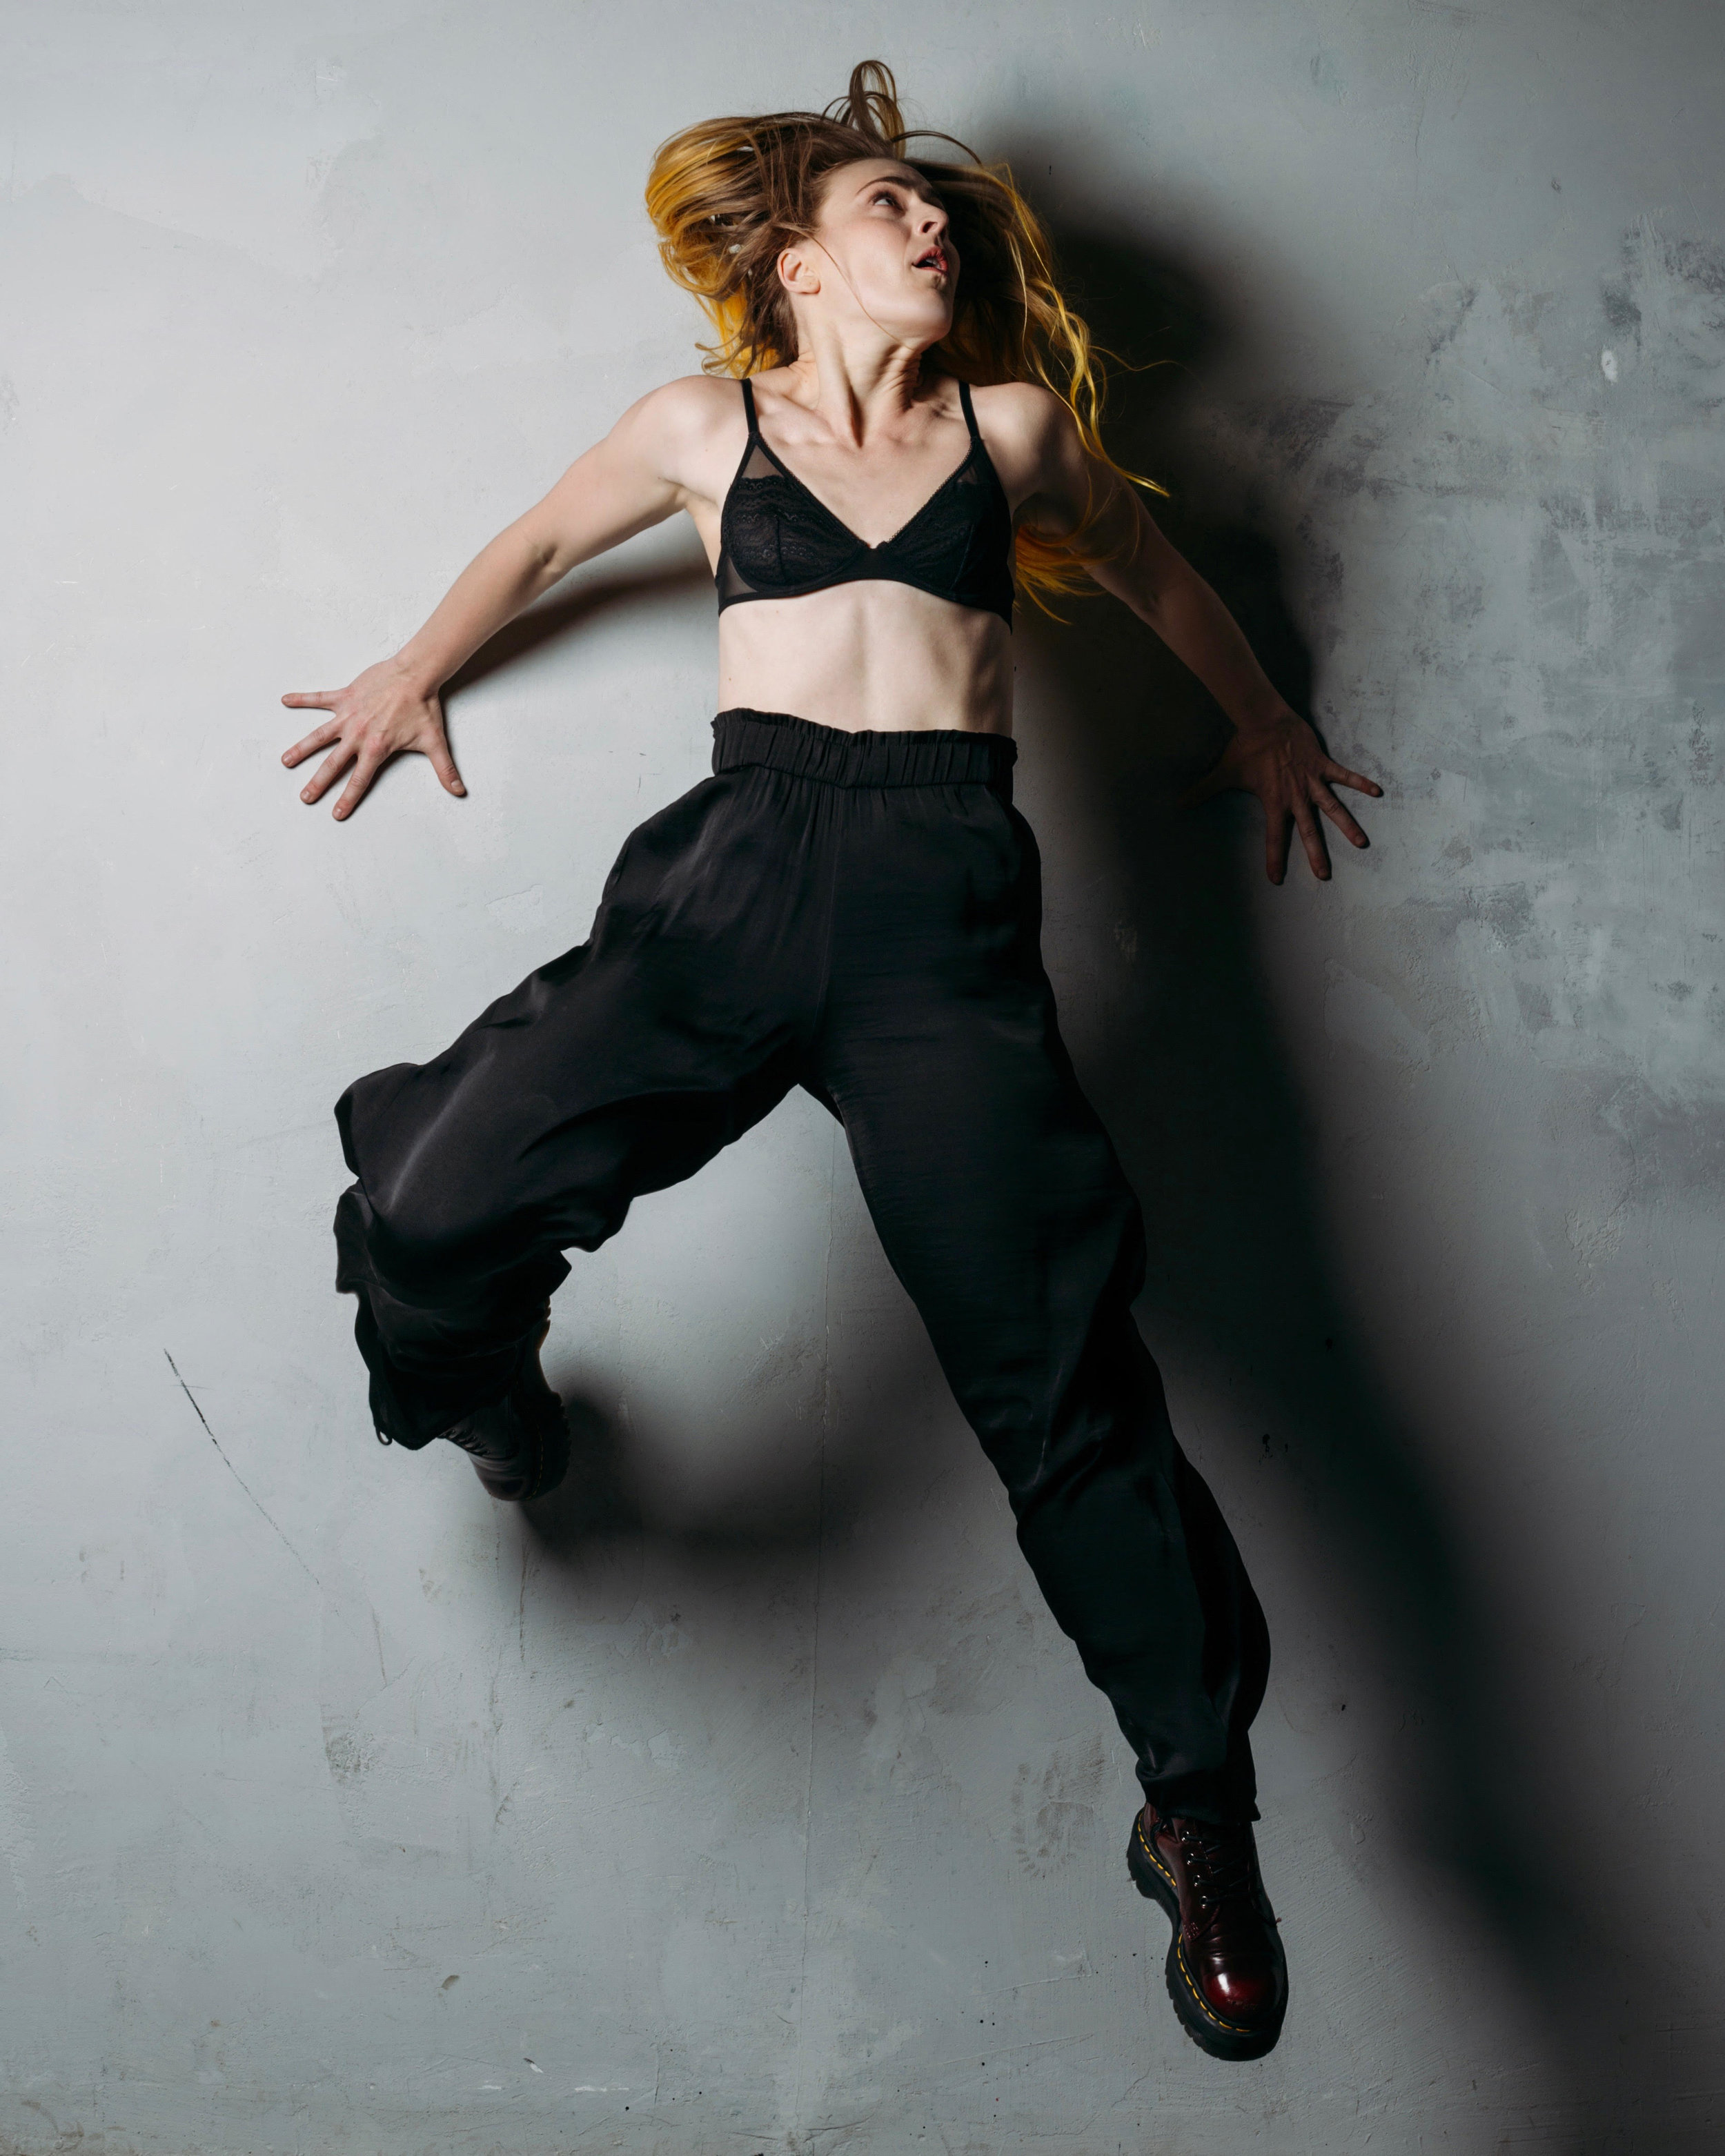 Jenn Freeman